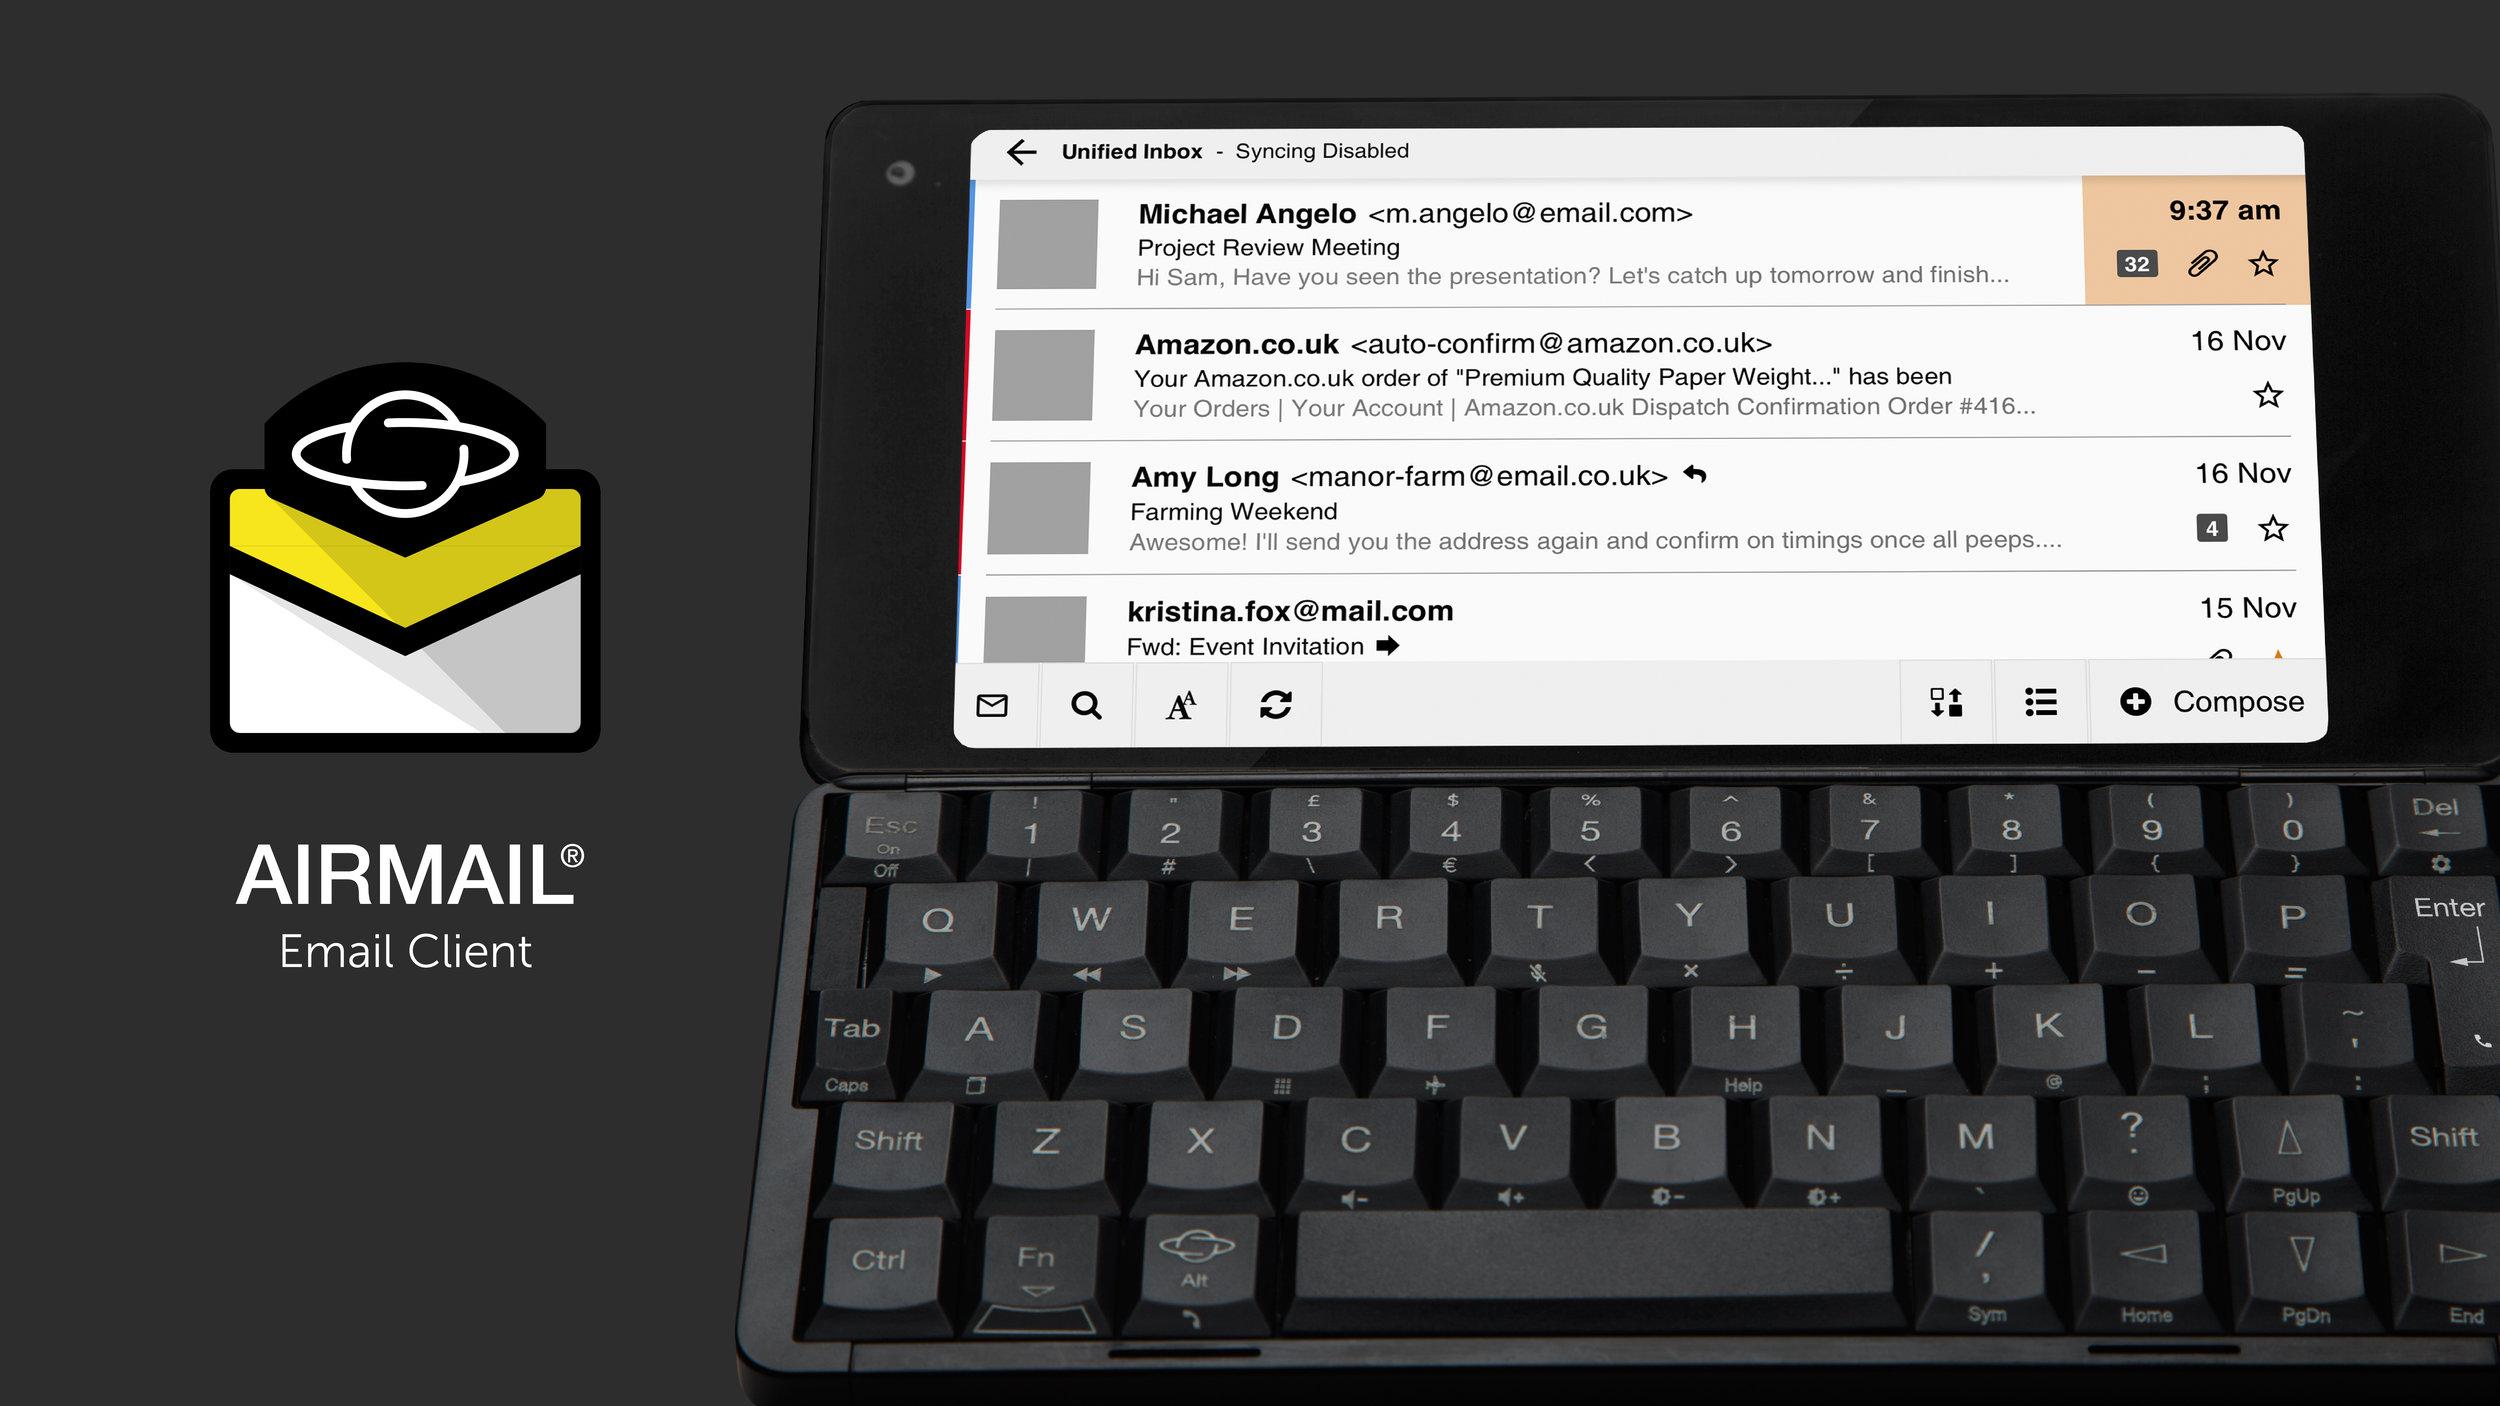 VideoAssets-Apps-AirMail-BG-Grey-01.jpg